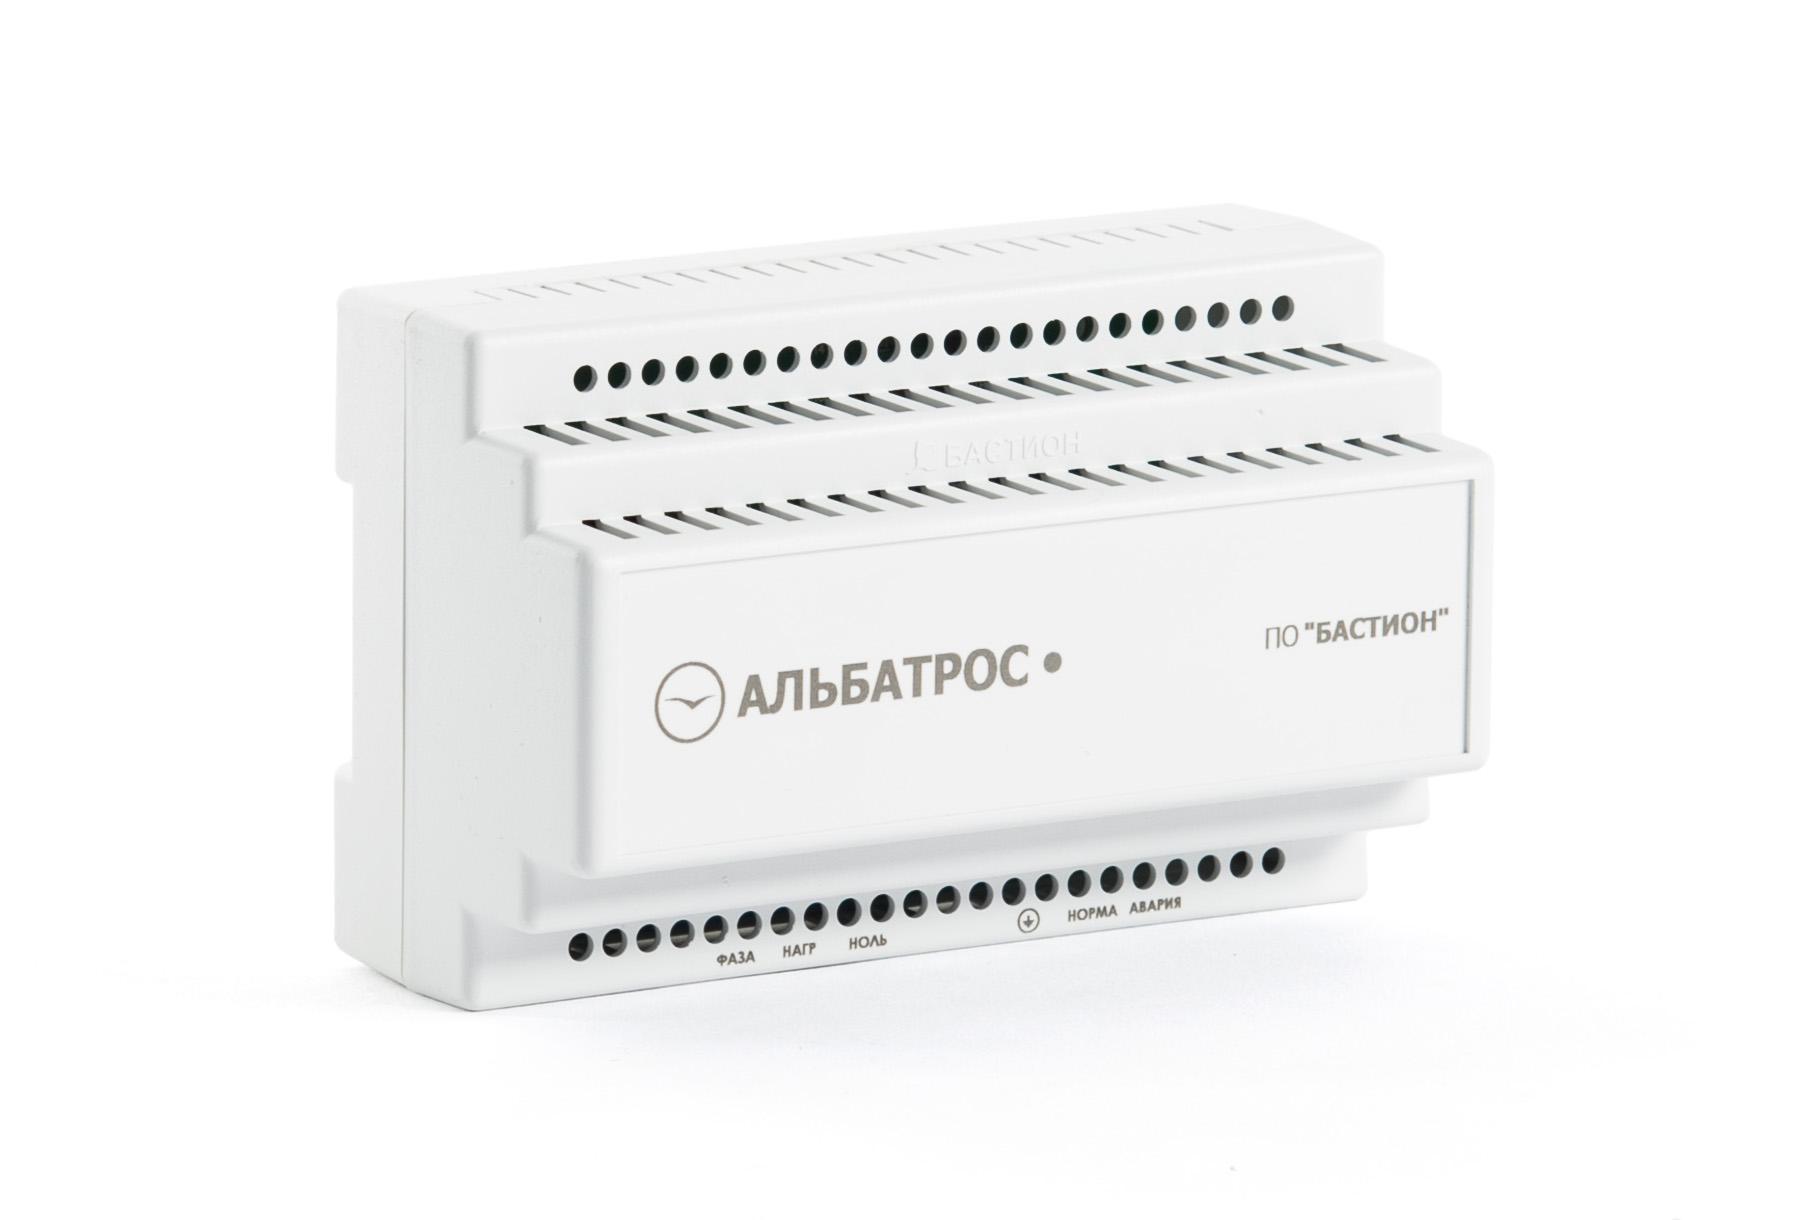 Устройство Teplocom Альбатрос- 1500 din устройство teplocom альбатрос 220 3500 ас